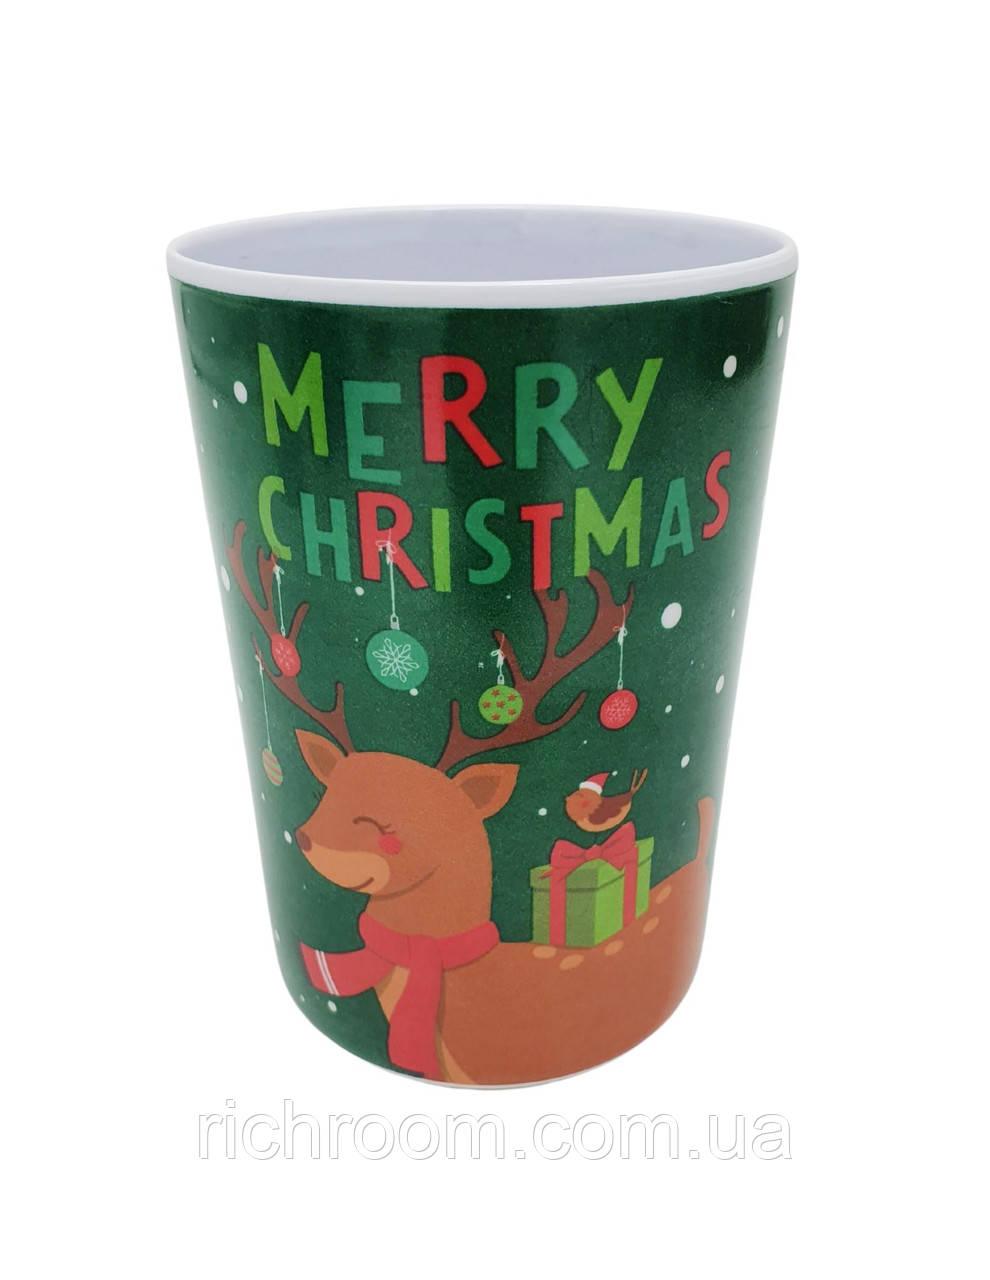 Пластиковий новорічний склянку Merry Christmas 250 мл Edeka